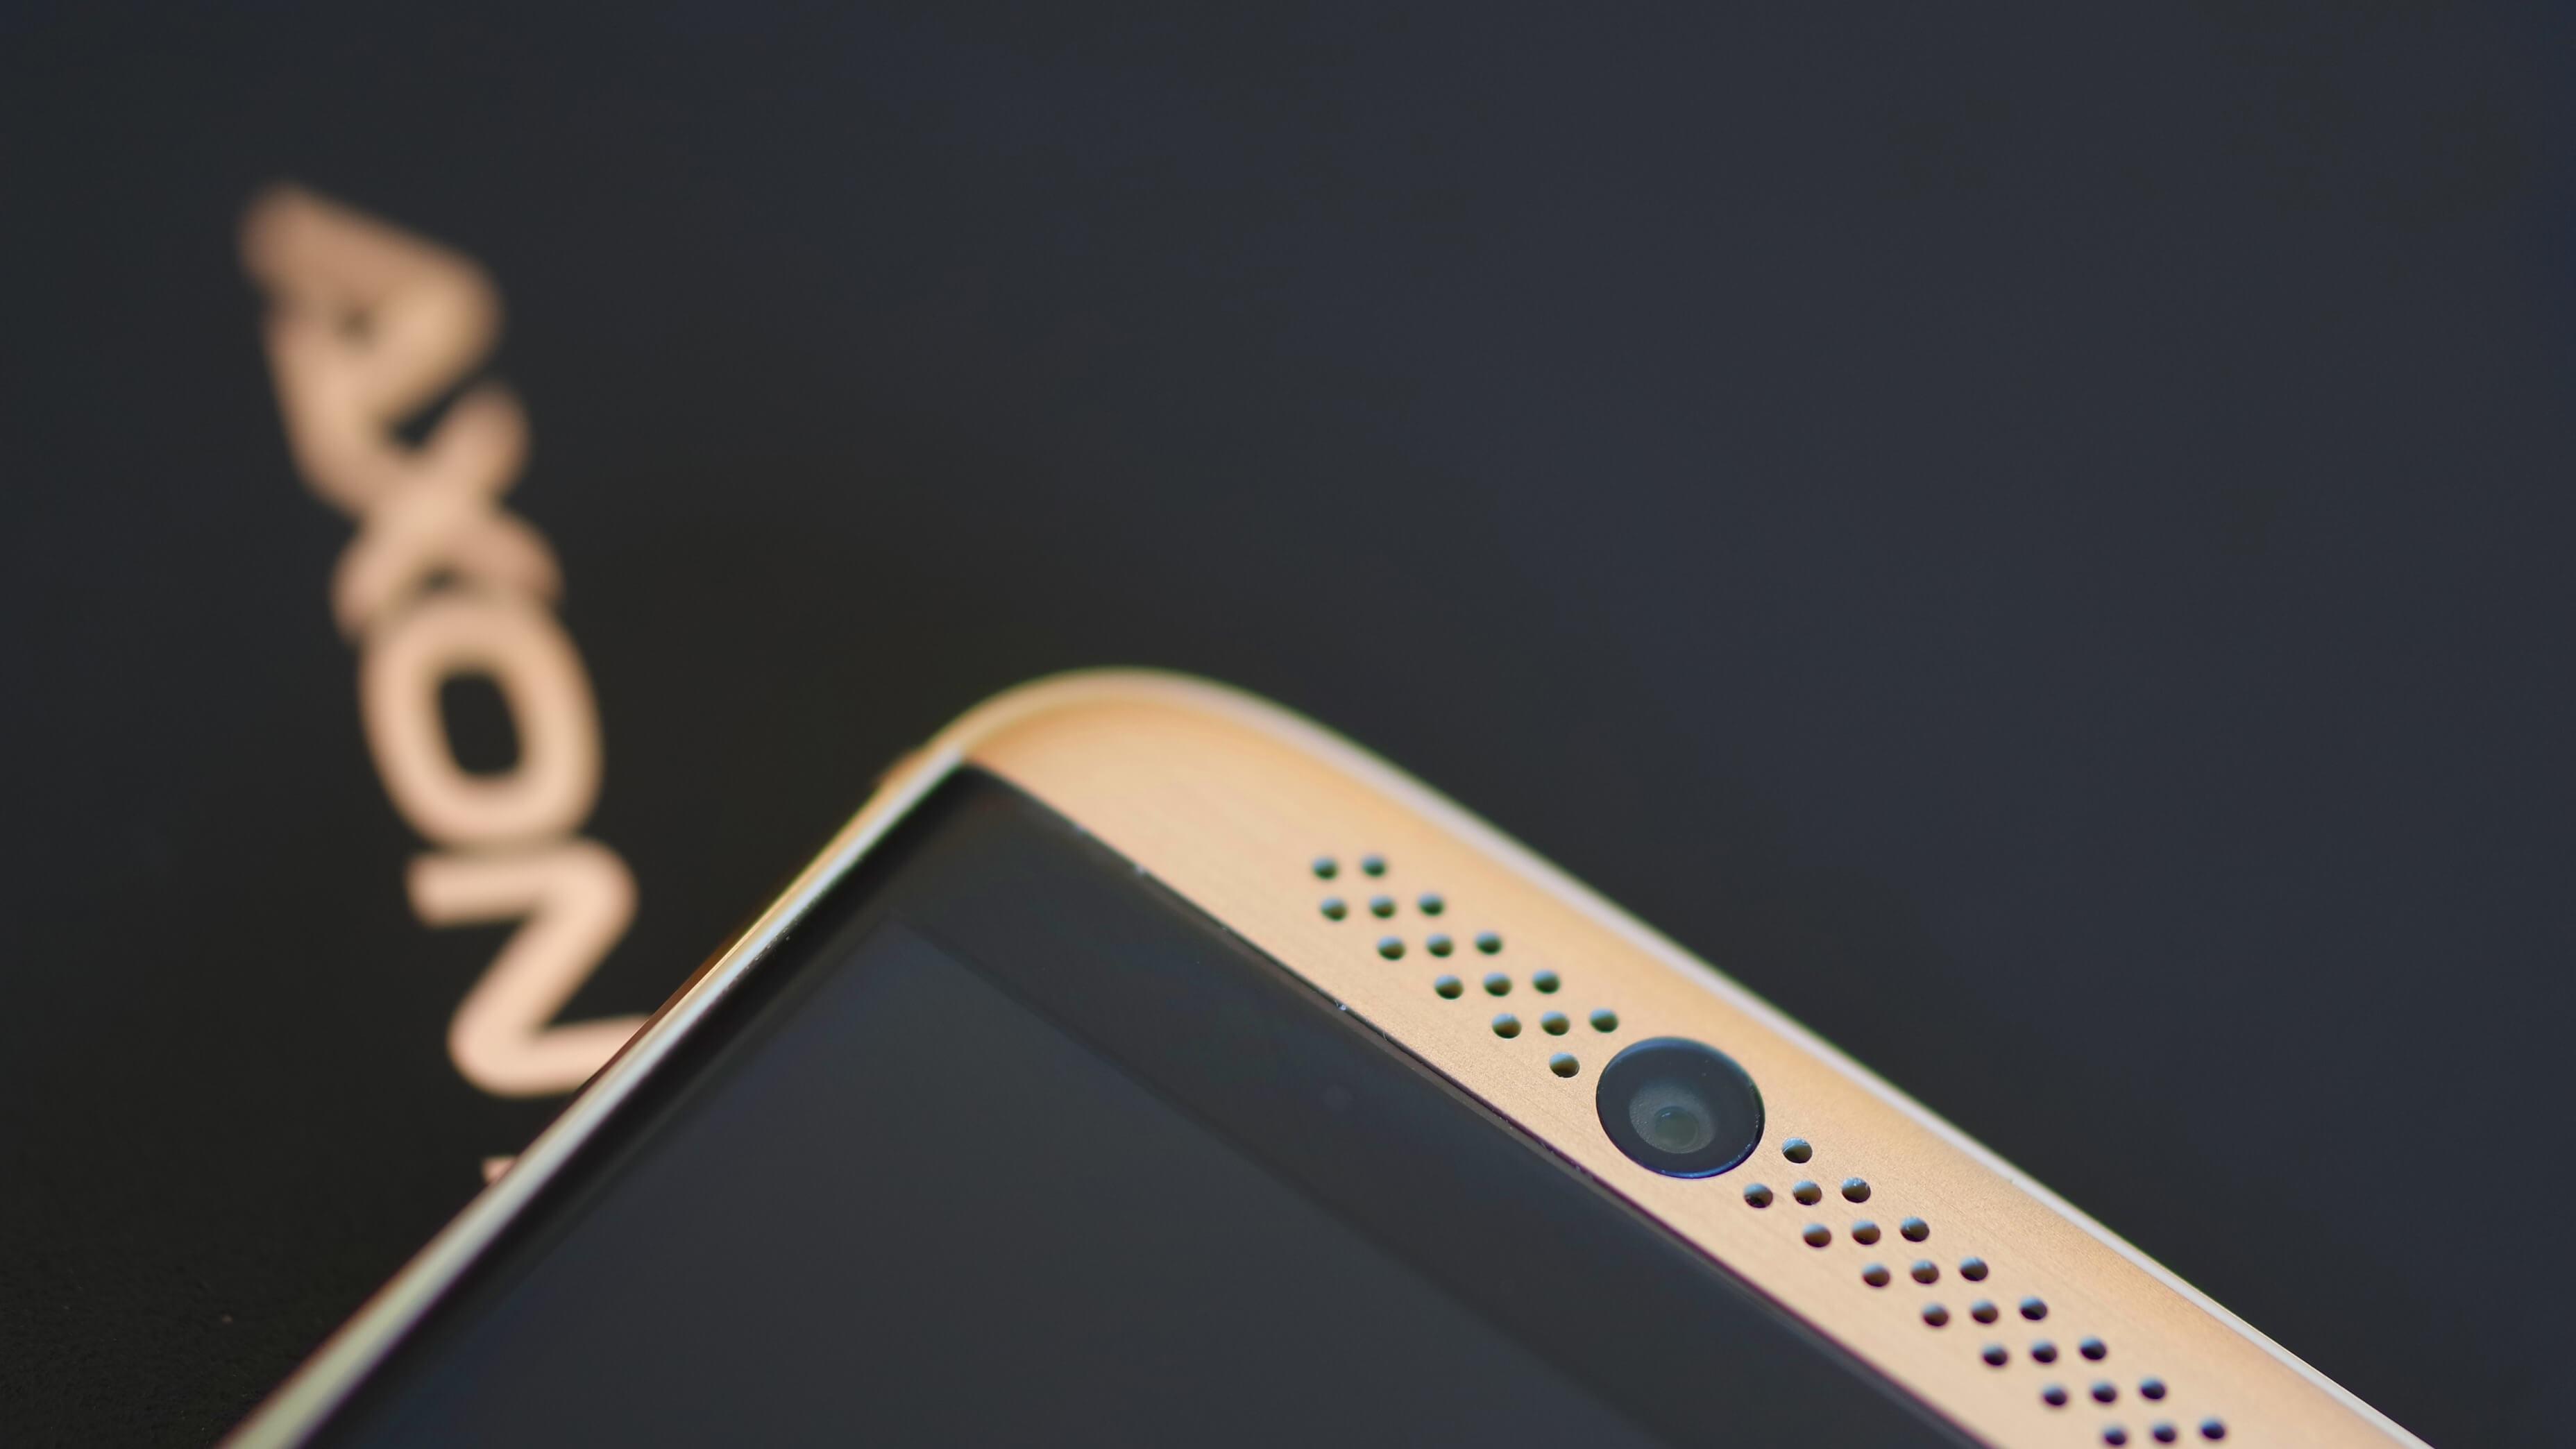 El ZTE Axon 7 recibe Android 7.1.1: guía de actualización